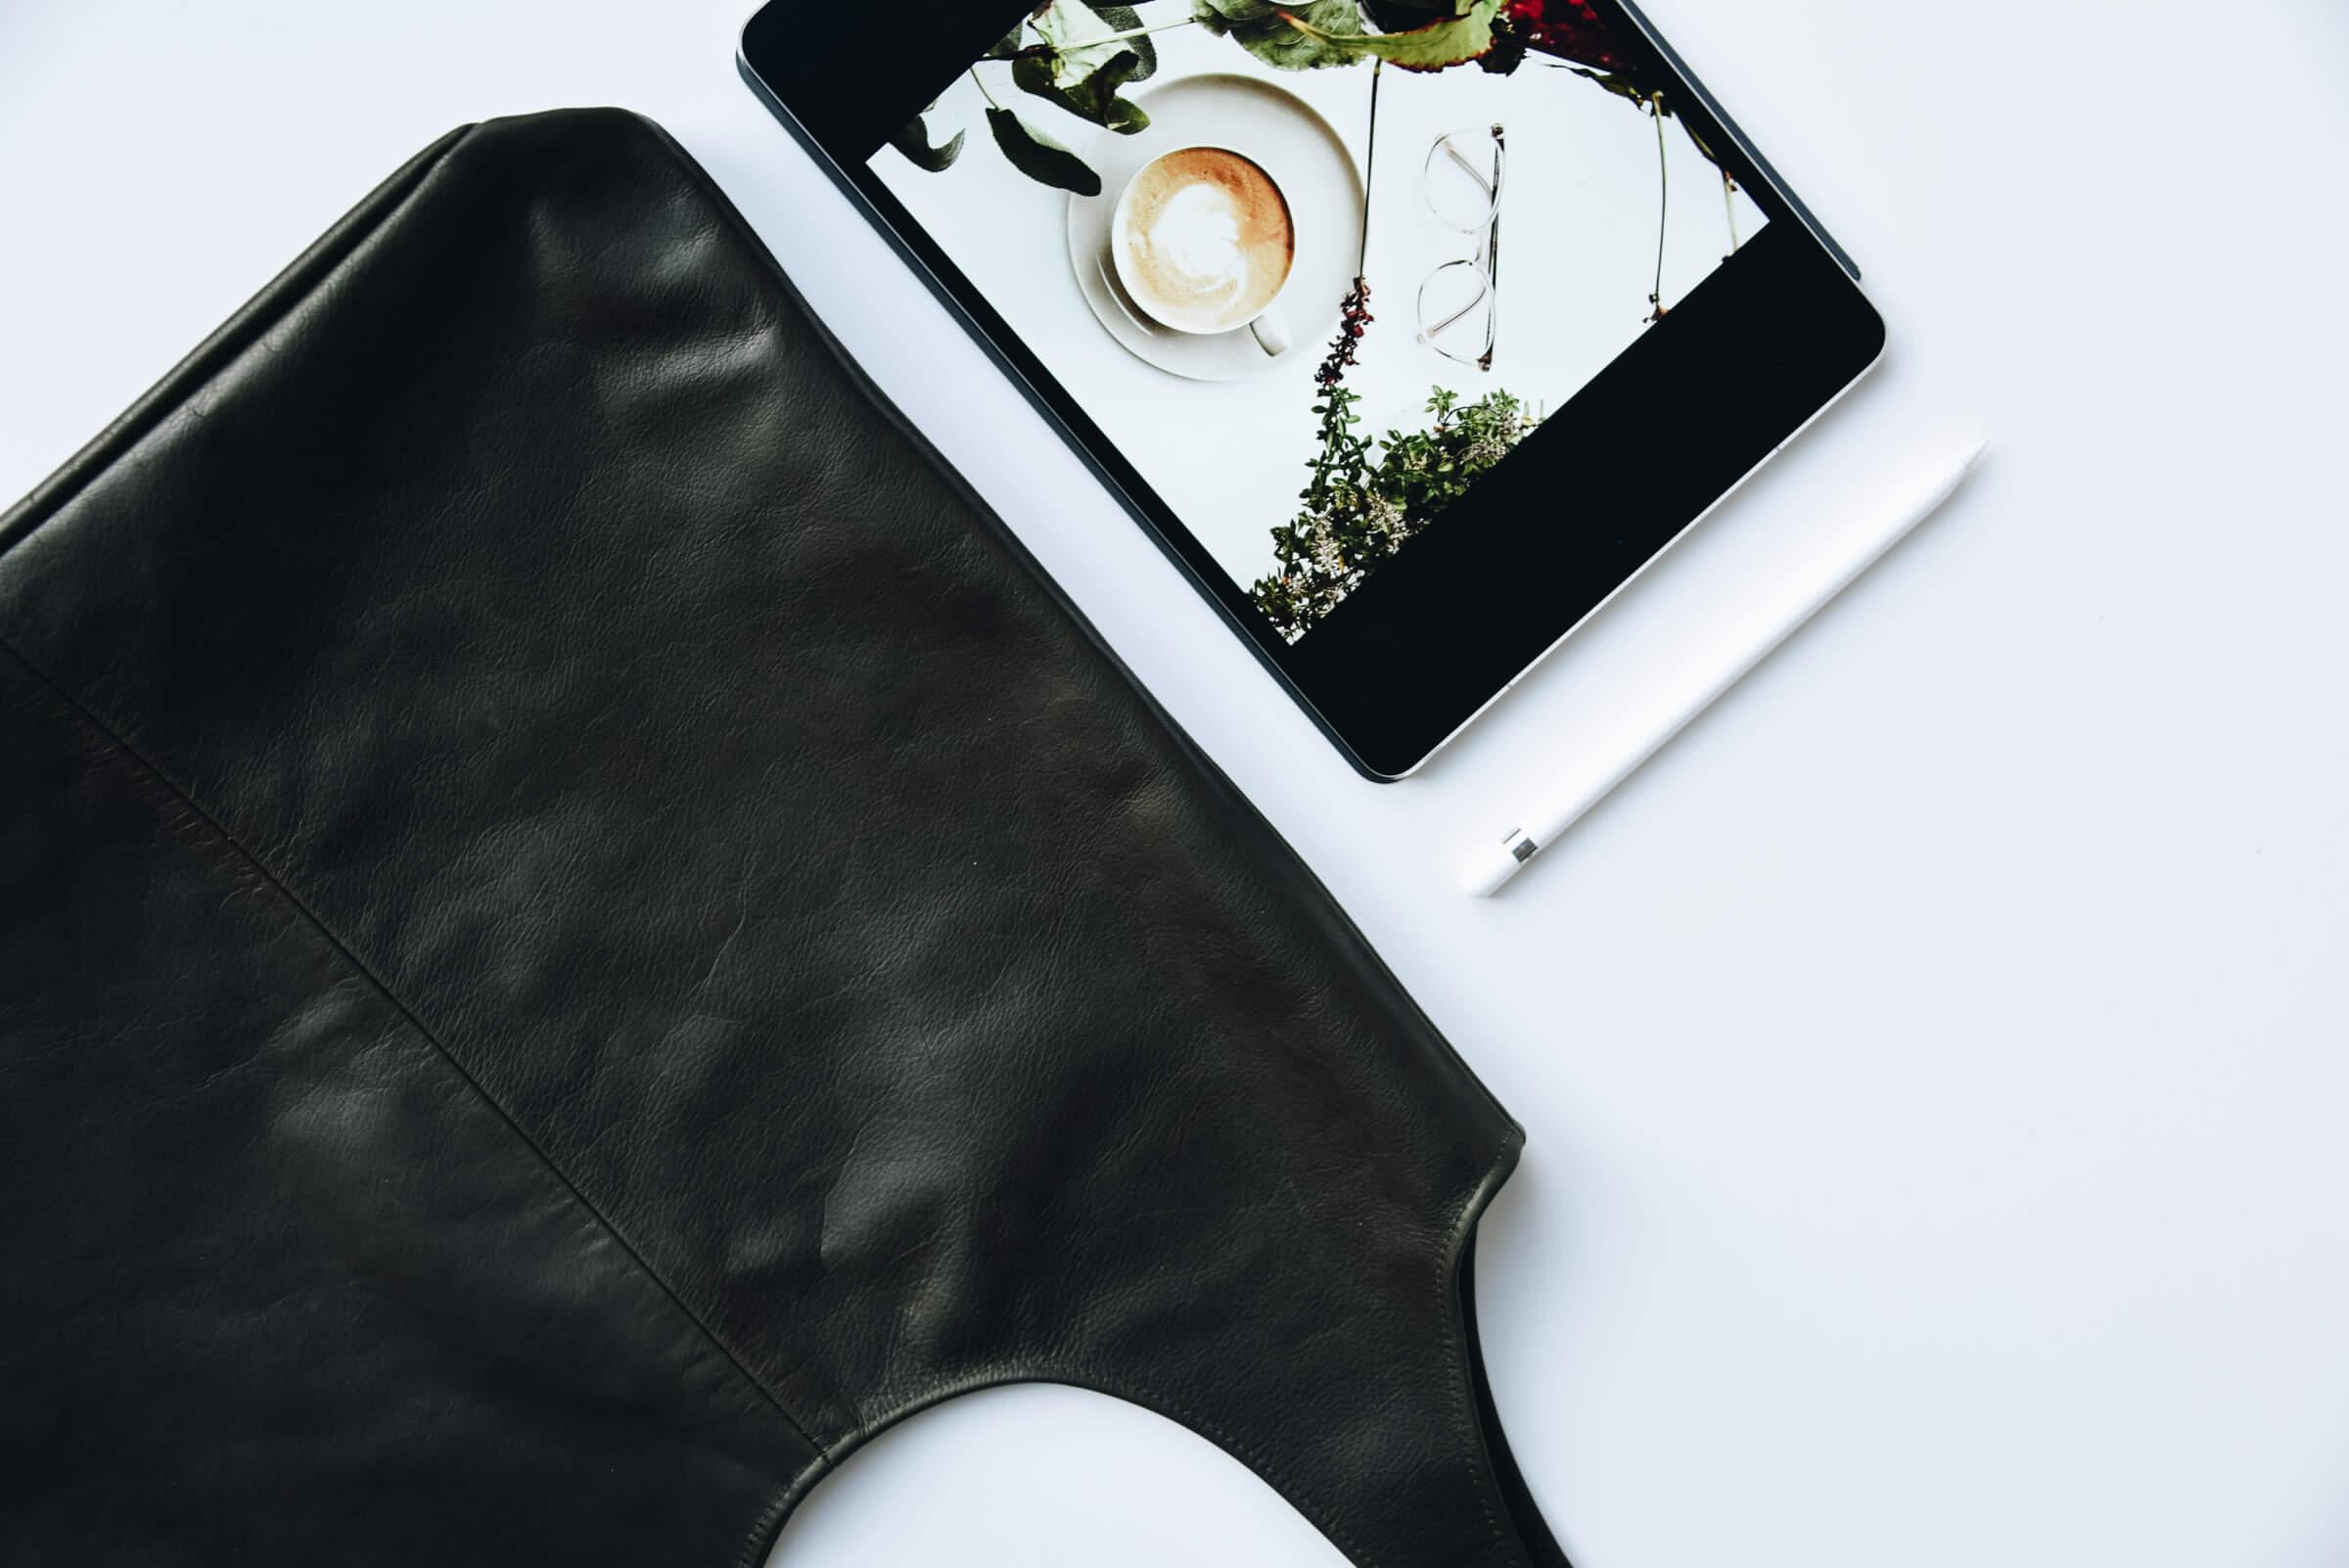 Tasche | Made in Germany | Ledertasche | Handtasche | Arbeiten | Unitasche | Tasche aus Leder | schlicht | elegant | chic | Damen | Handtasche Leder | Handtasche kaufen | HoBoBag| oliv | hochwertig | gute Qualität | What's in my bag